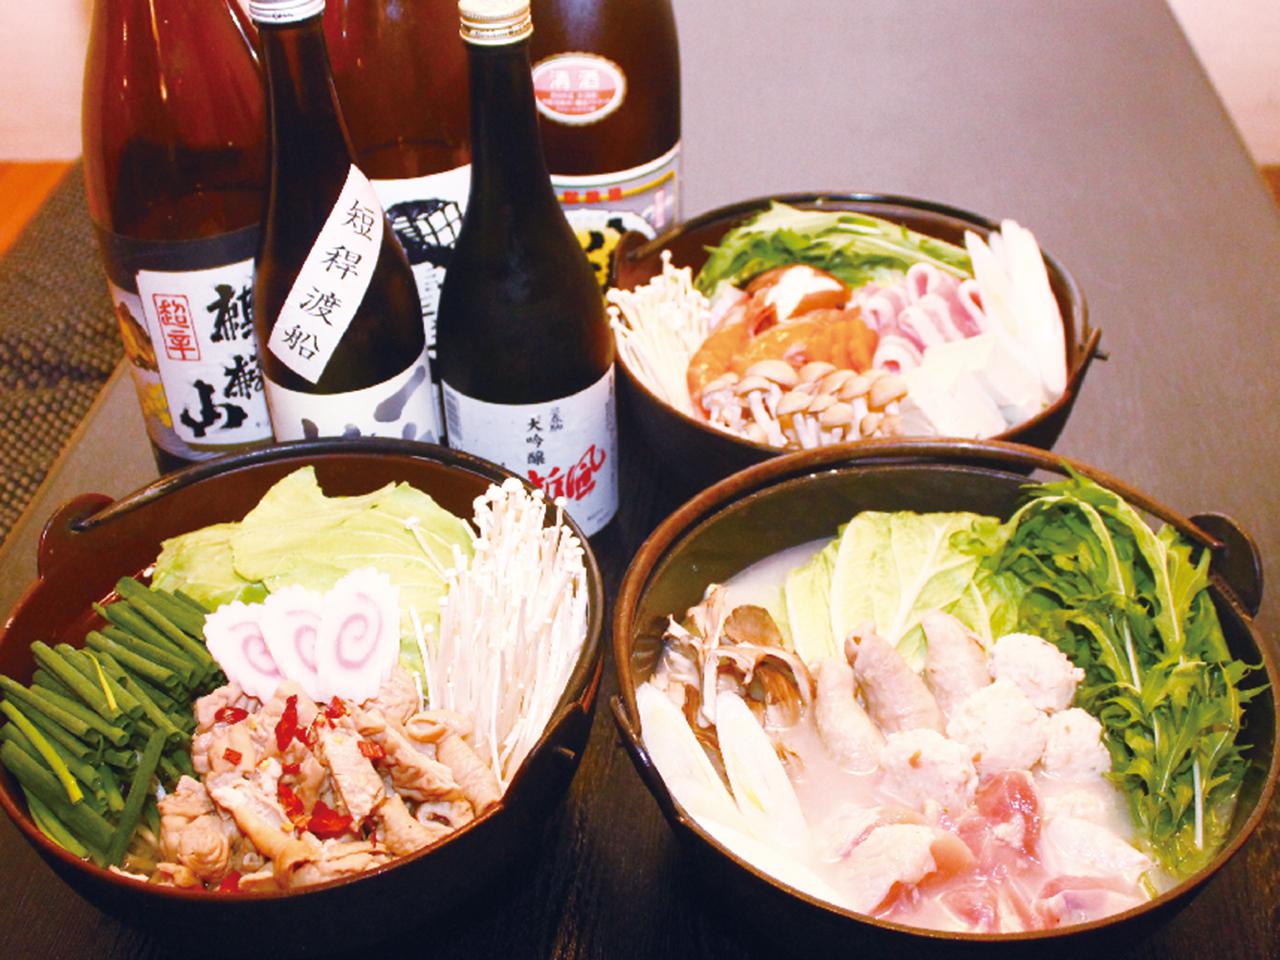 平成最後の冬、メモリアルな会を 忘新年会はこのお店でカンパイ!